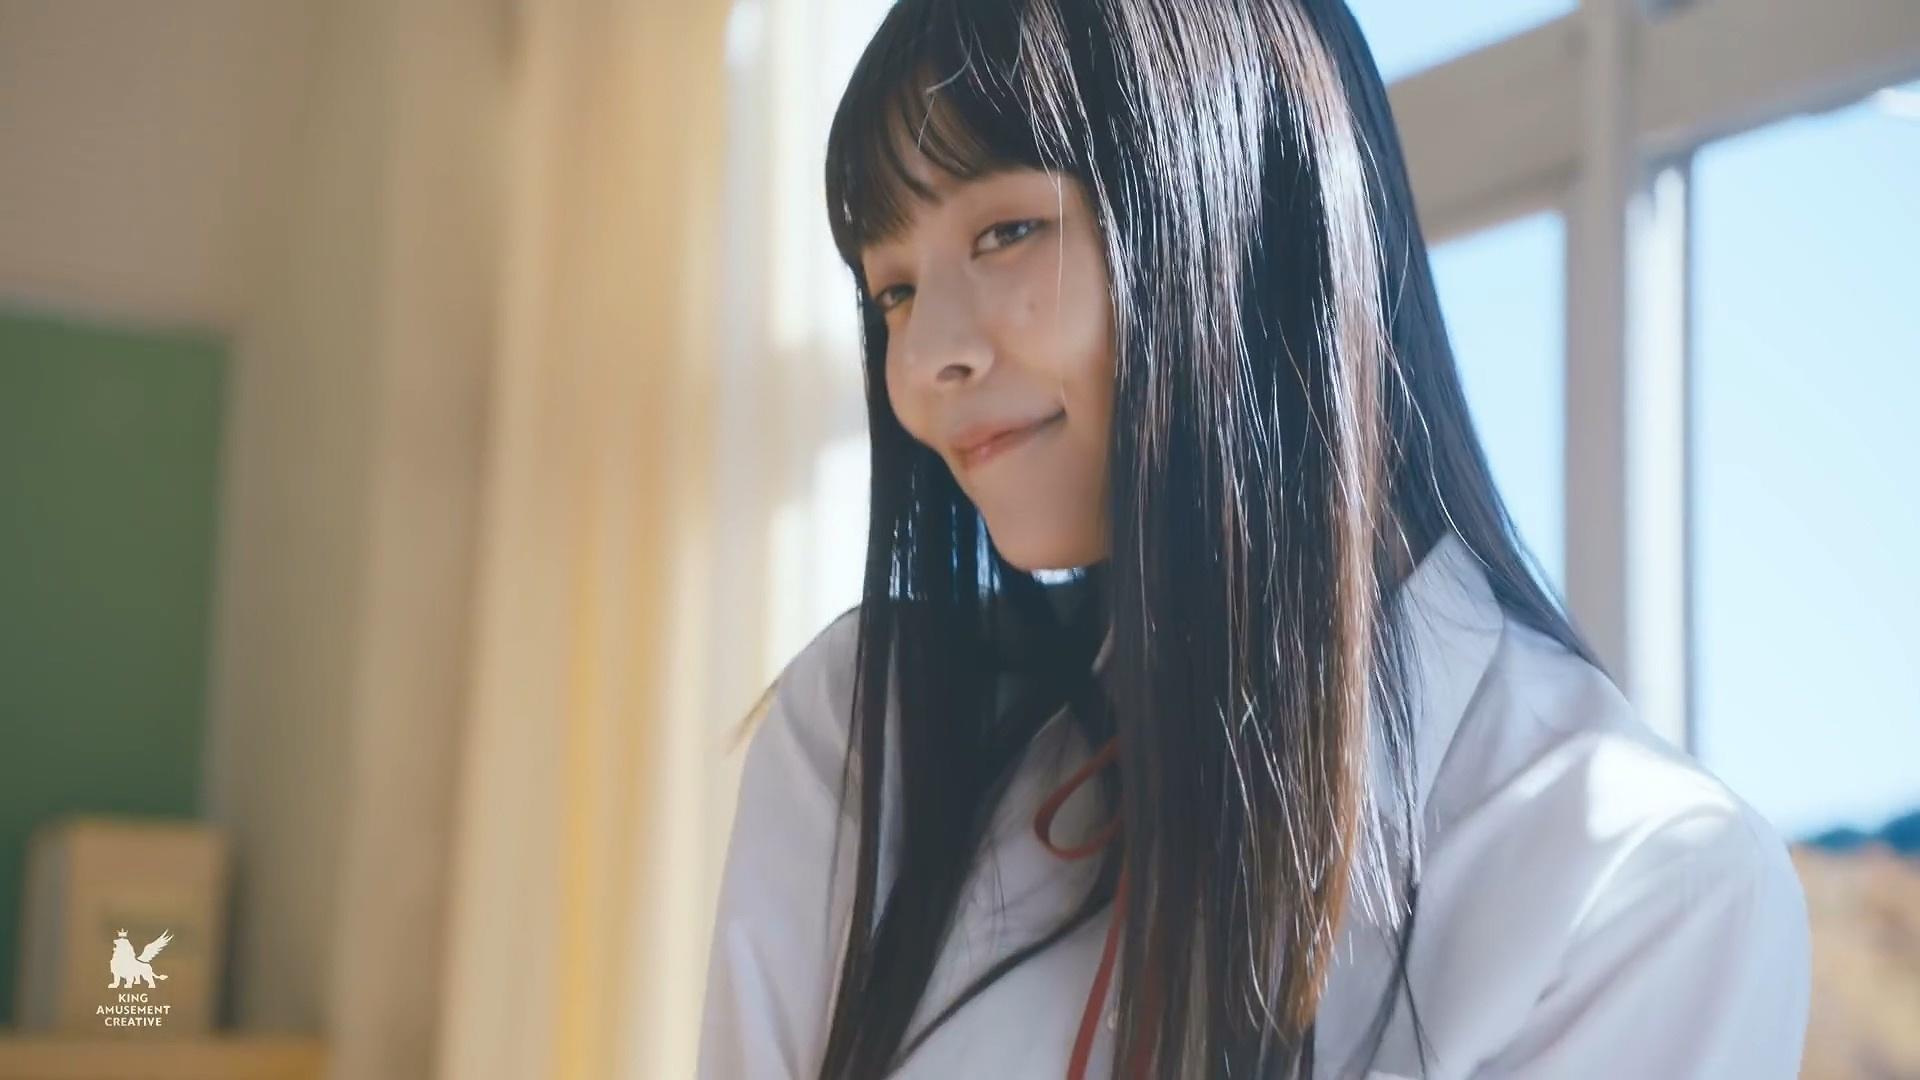 上坂すみれ「EASY LOVE」Music Video.mp4_000140.871